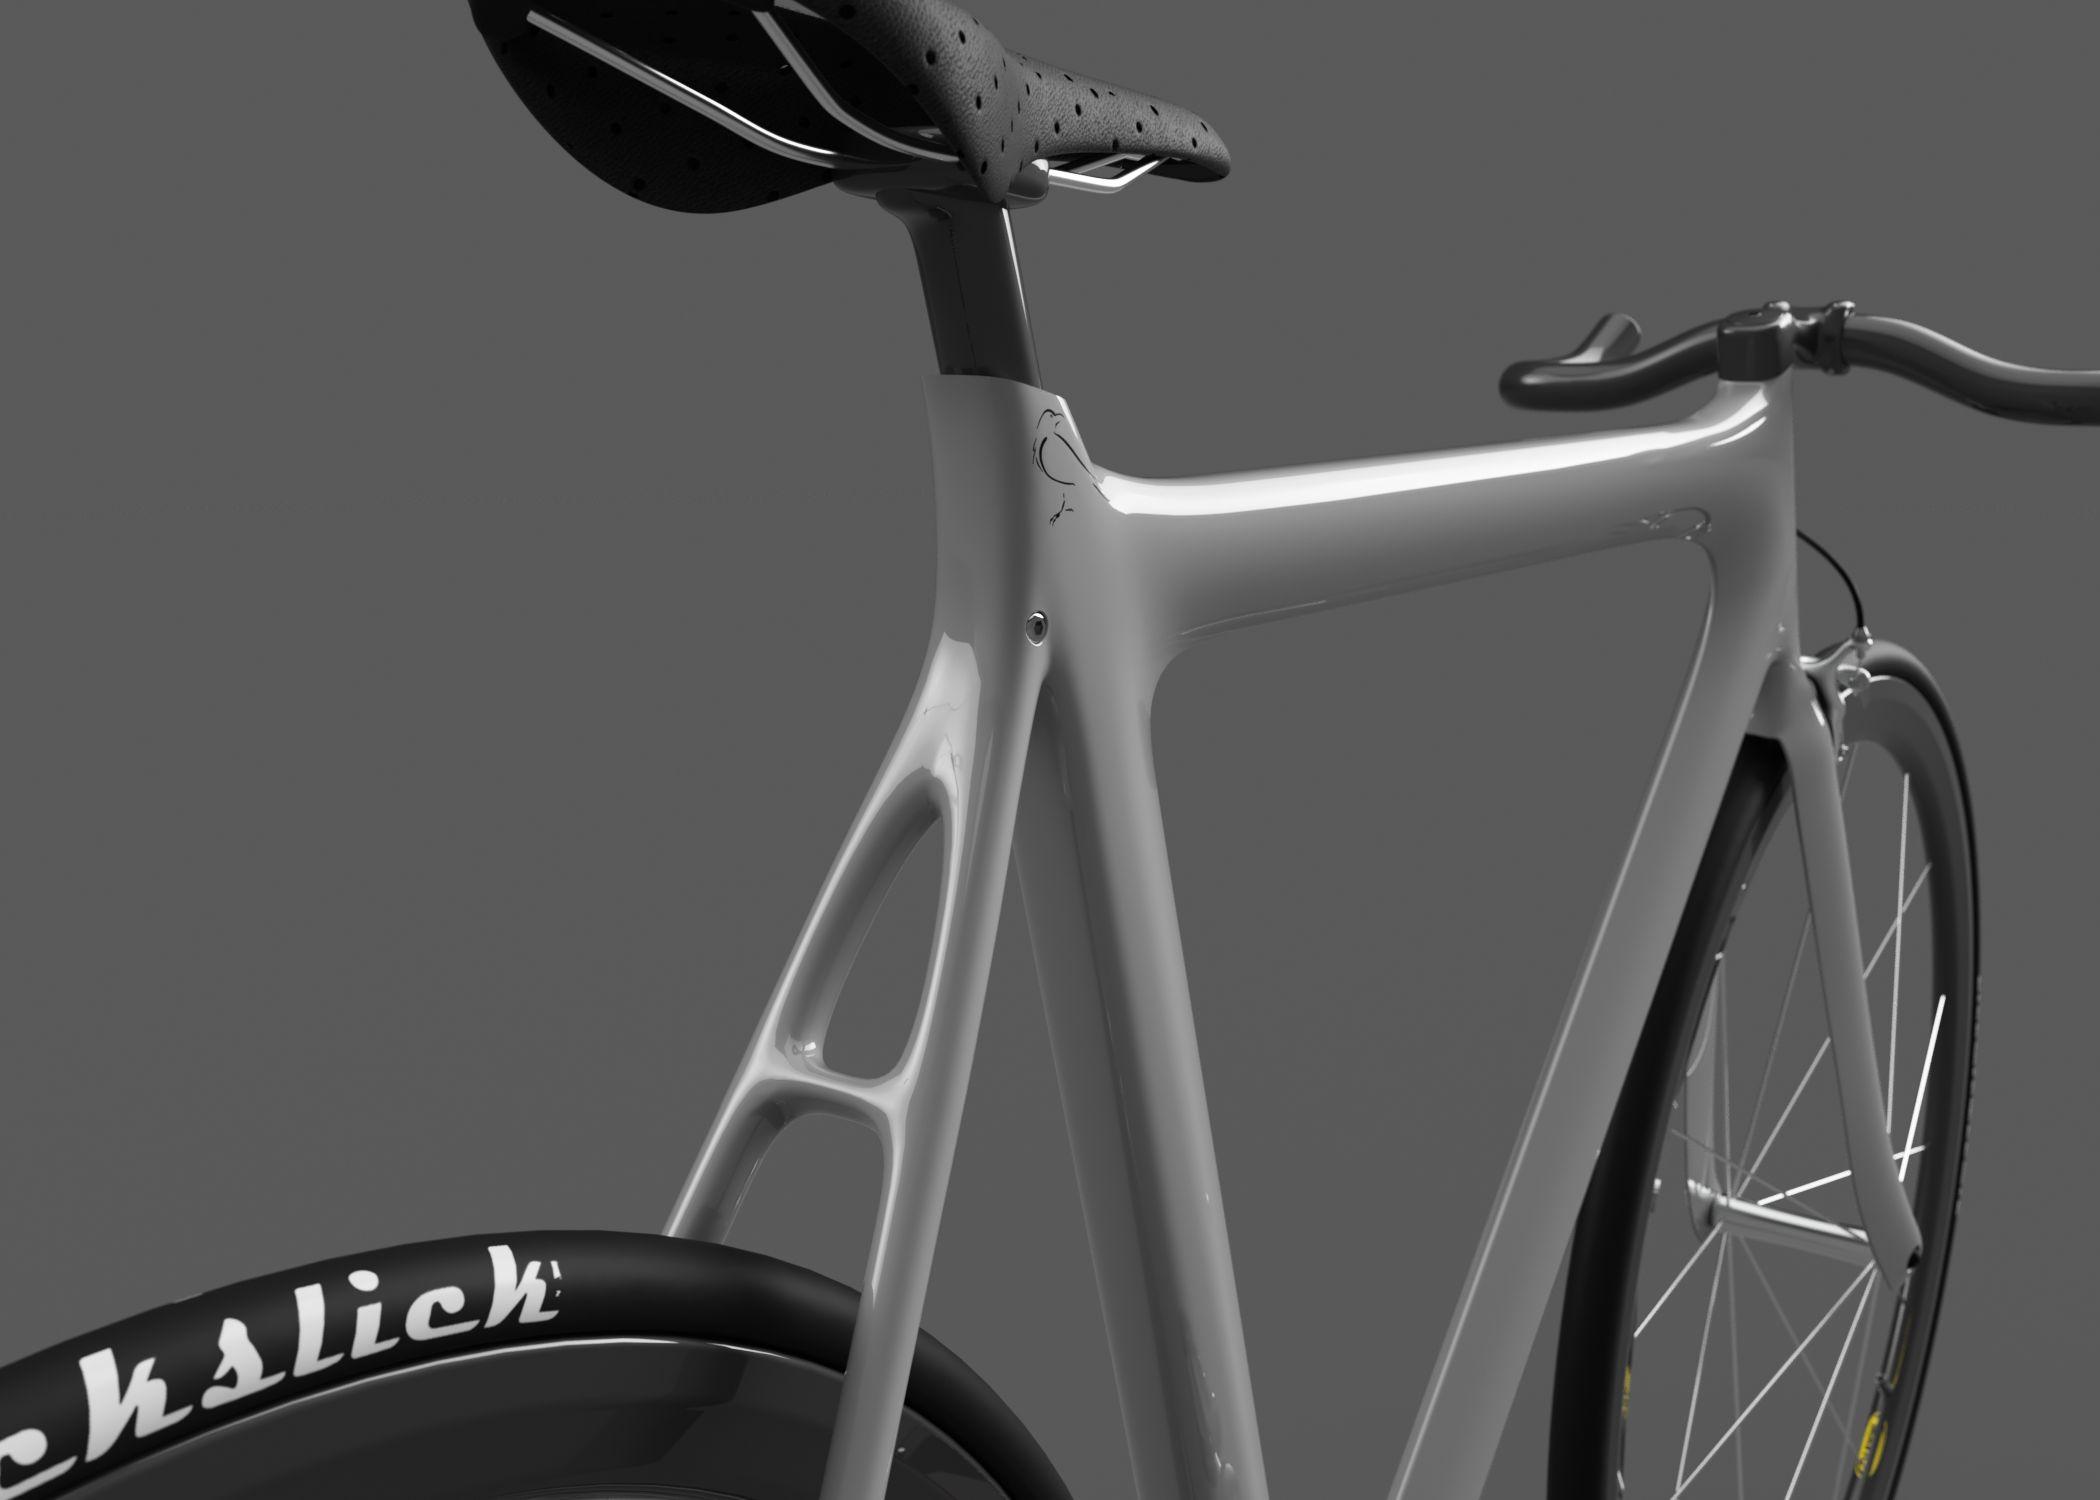 S3546729-craiggraham-bike3-3500-3500